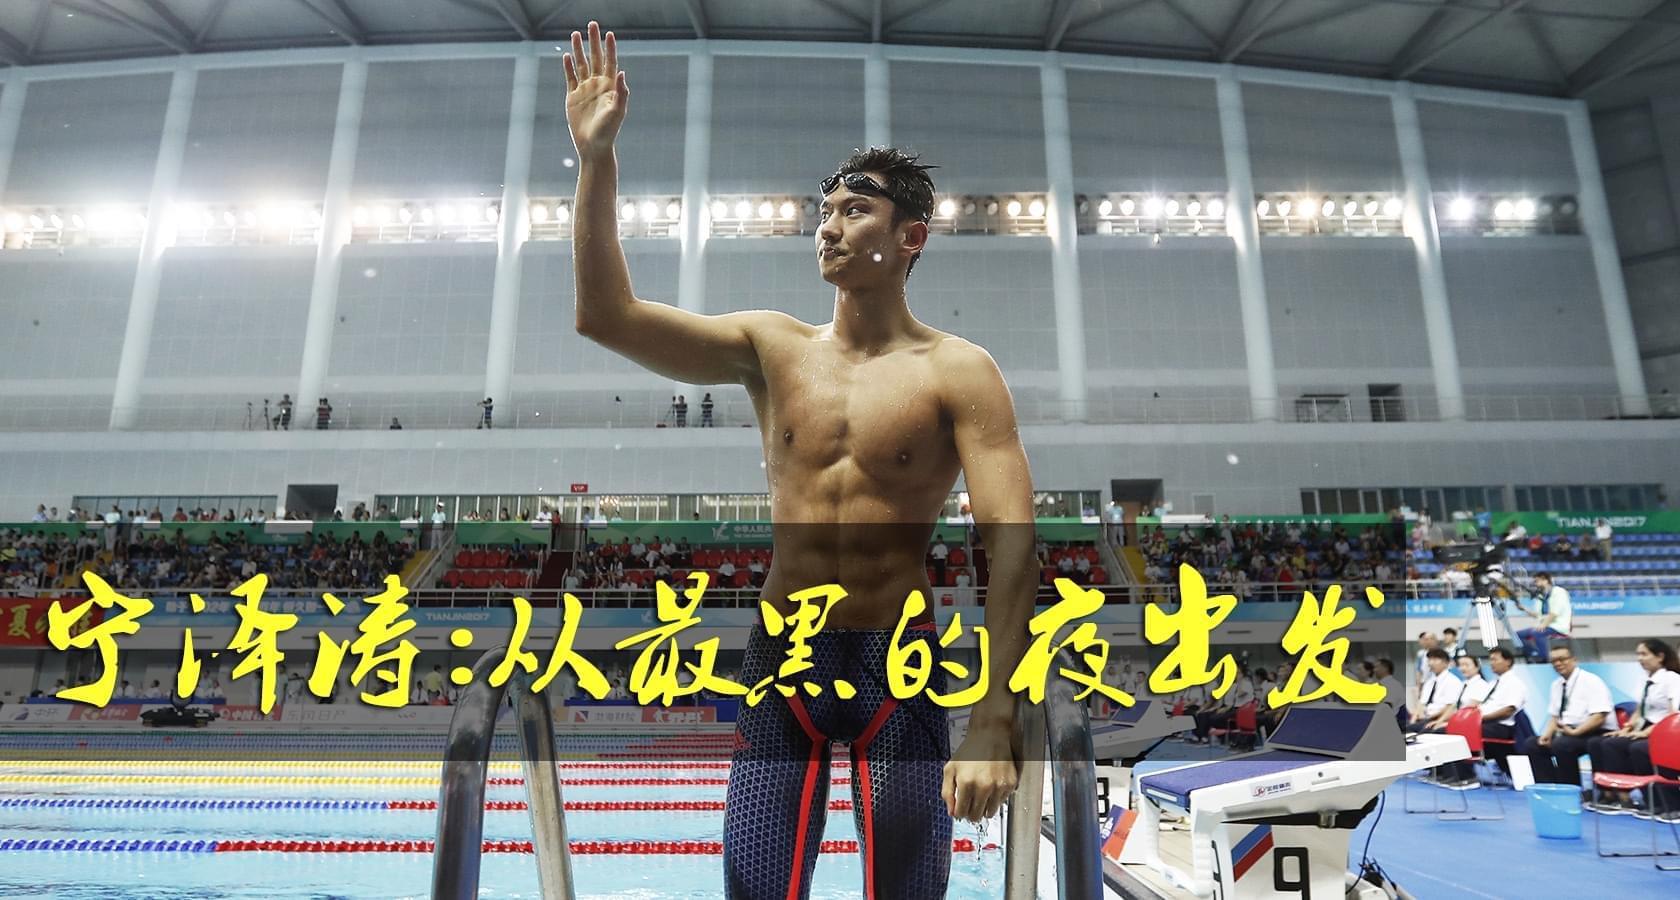 宁泽涛:仅3月让中国100自重回世界水平现在才是快乐的自由之泳